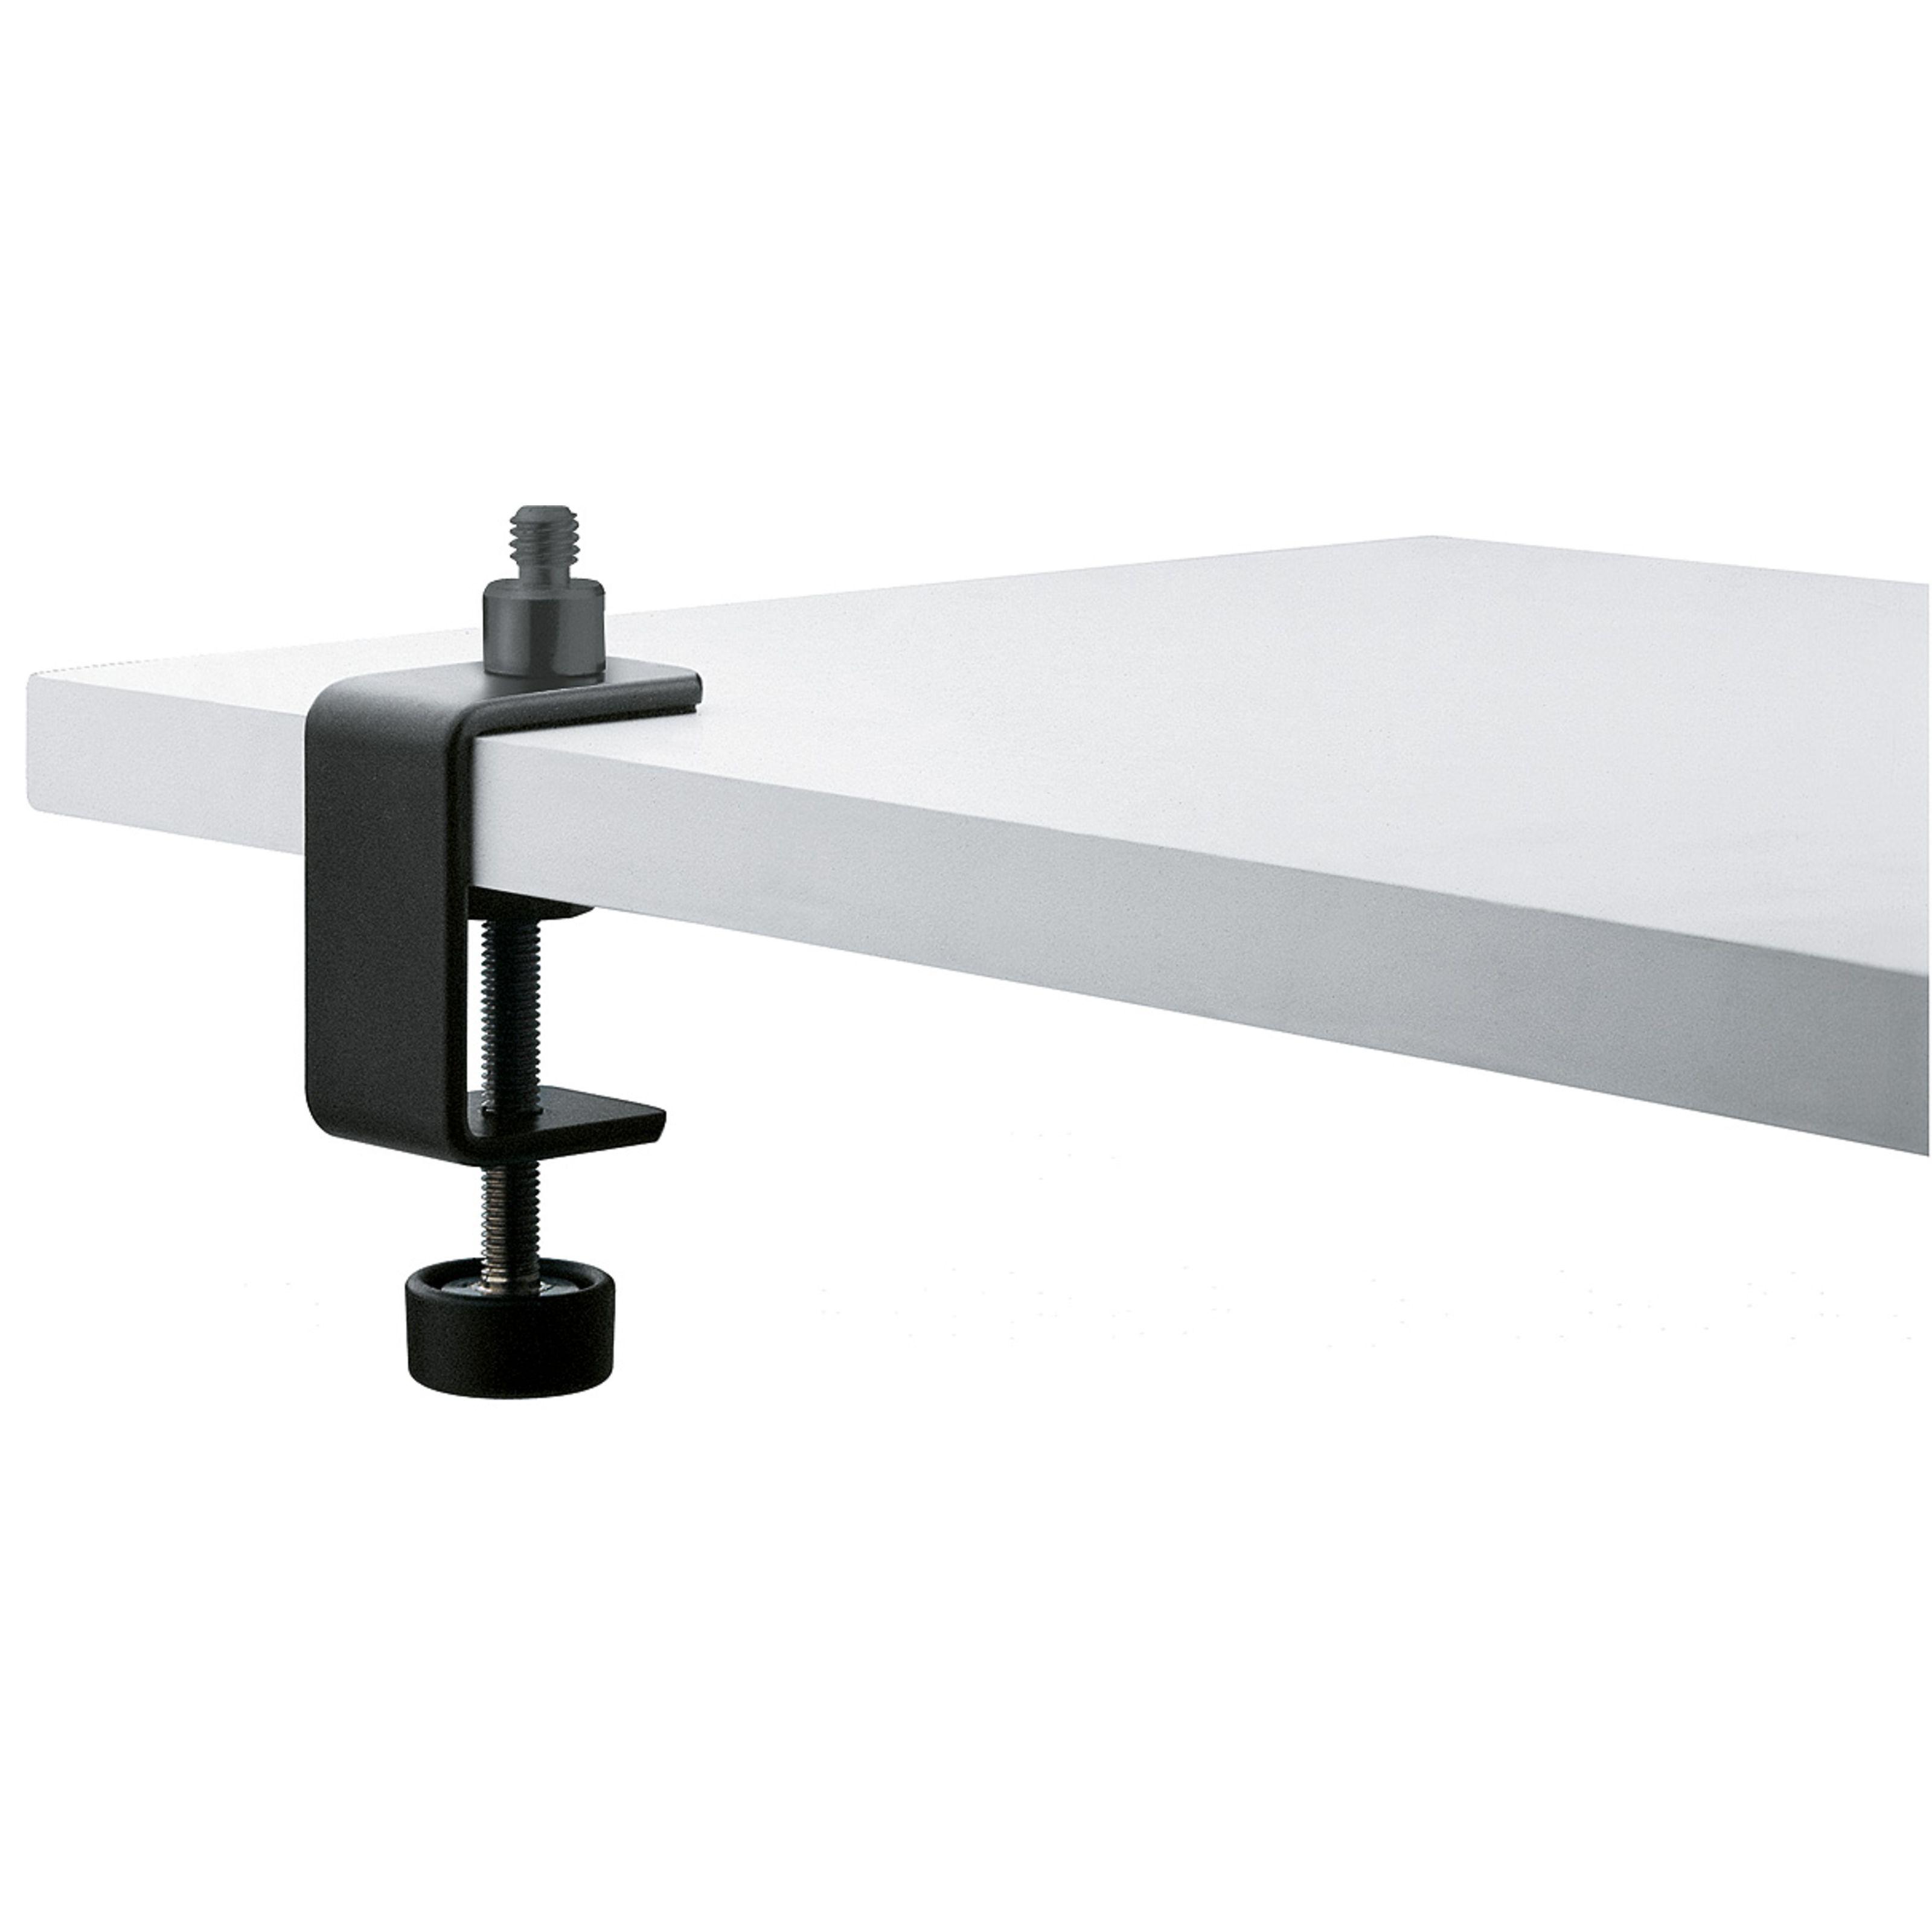 König & Meyer - 237 Tischklemme schwarz 23700-300-55